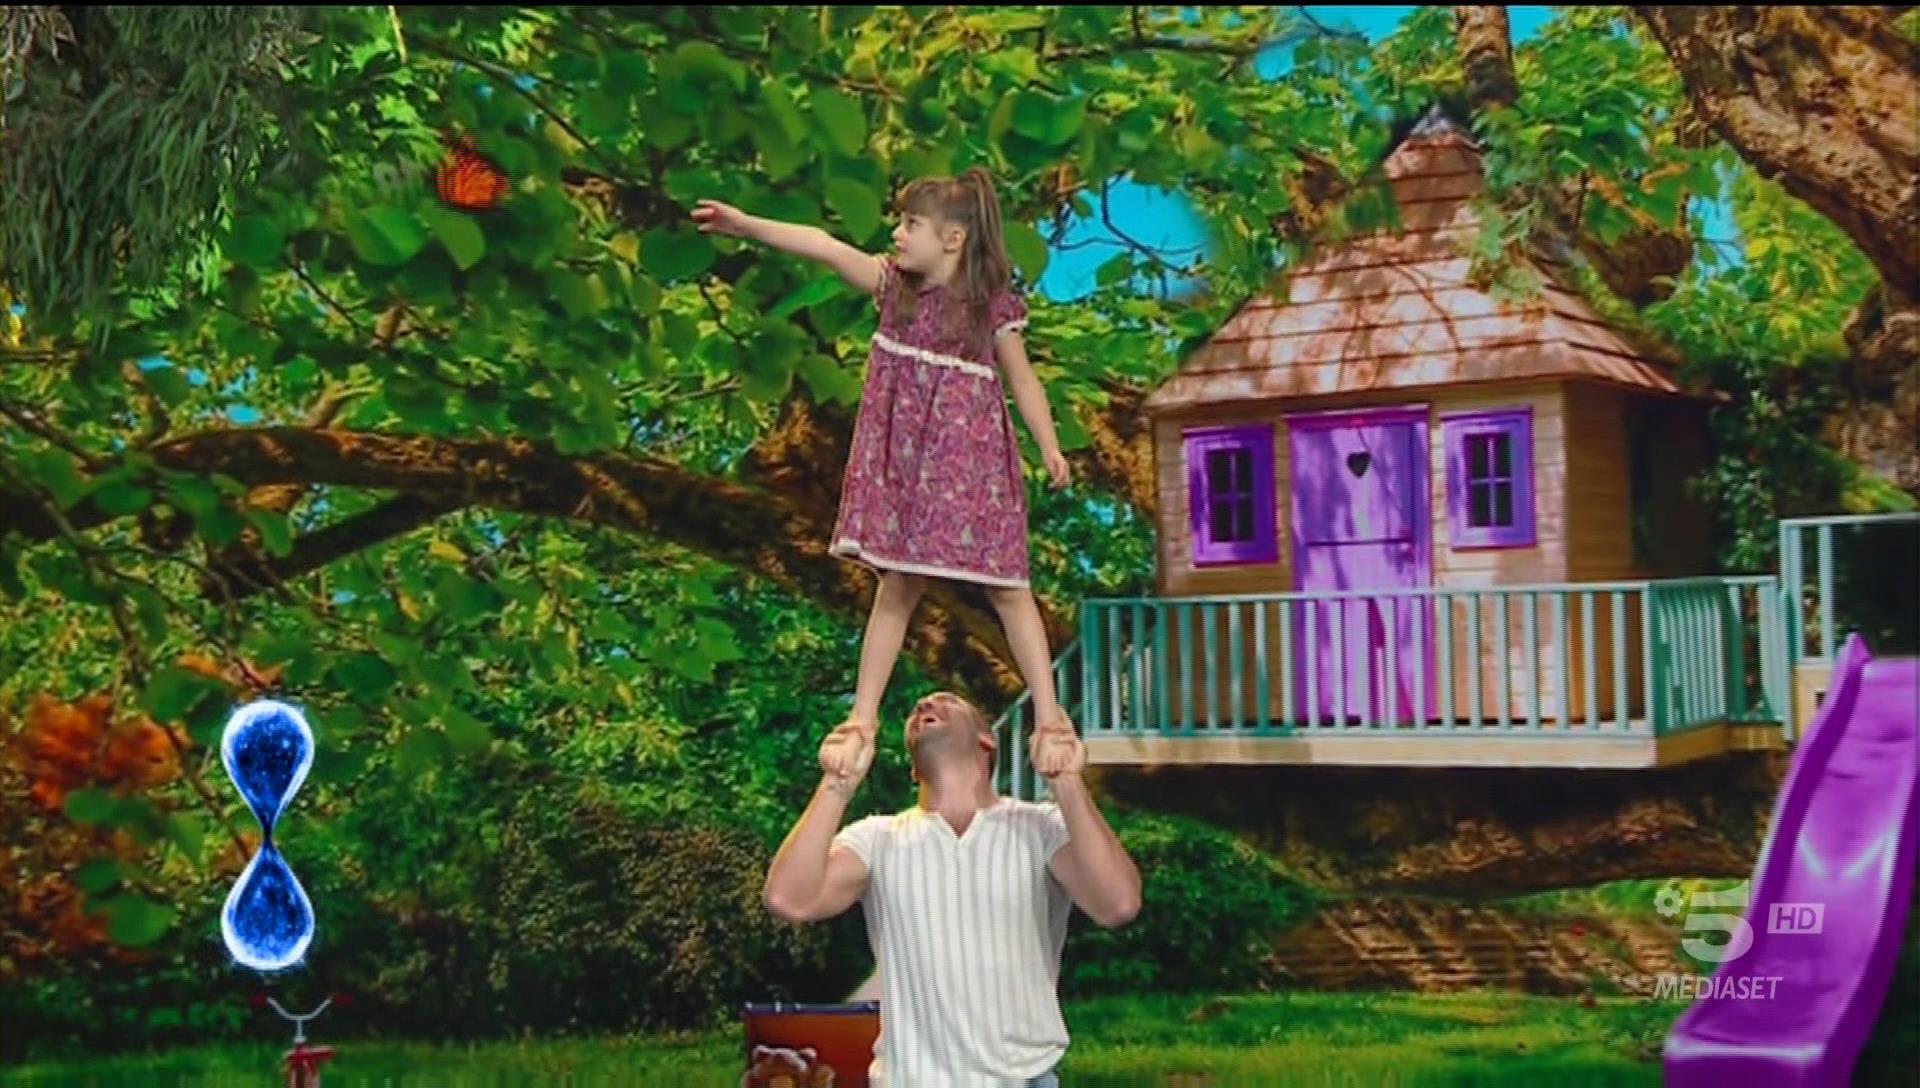 Papà acrobata e figlia